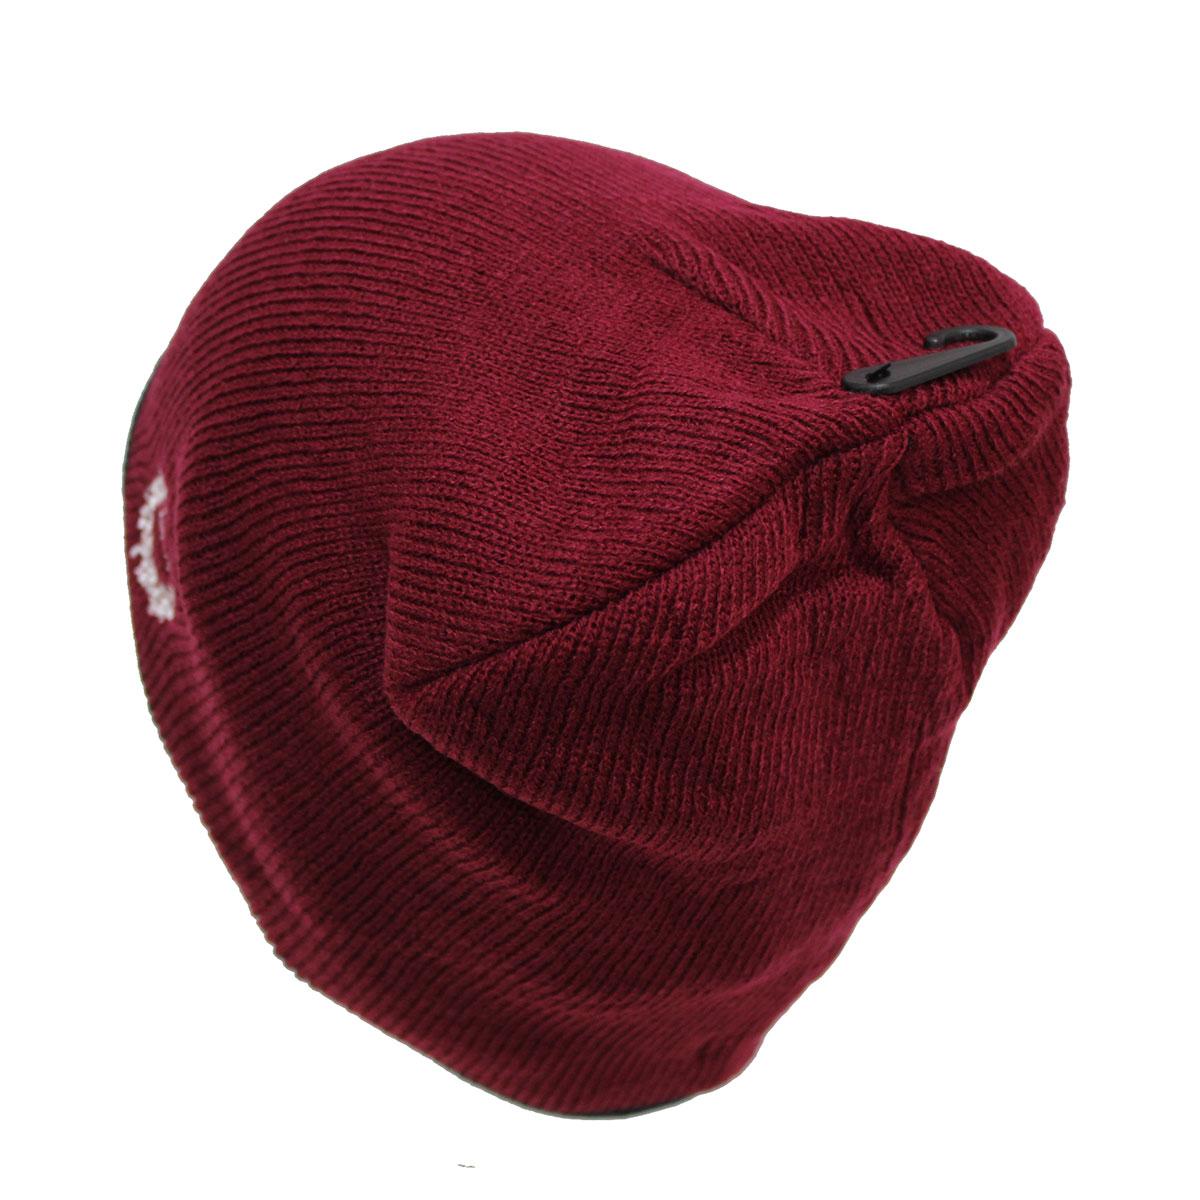 Cappello uomo 100% acrilico senza risvolto Gian Marco Venturi 71761 bordeaux  ... 75dd90f3e44b